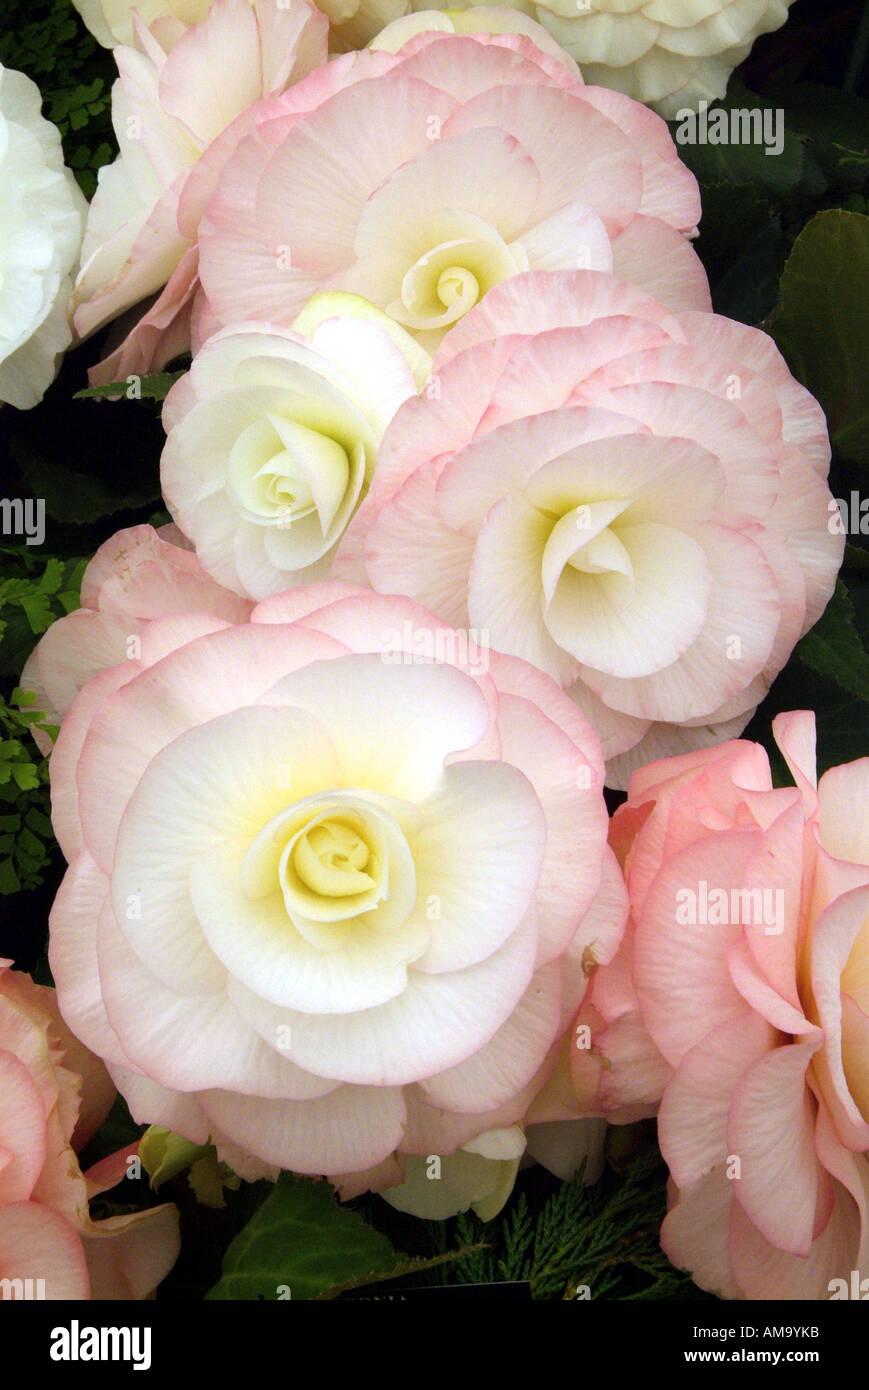 Begonia jefe bloom pétalo pastel tropical exótica maceta bulbo rizoma tuberosa rizó gases invernadero cultivados Foto de stock